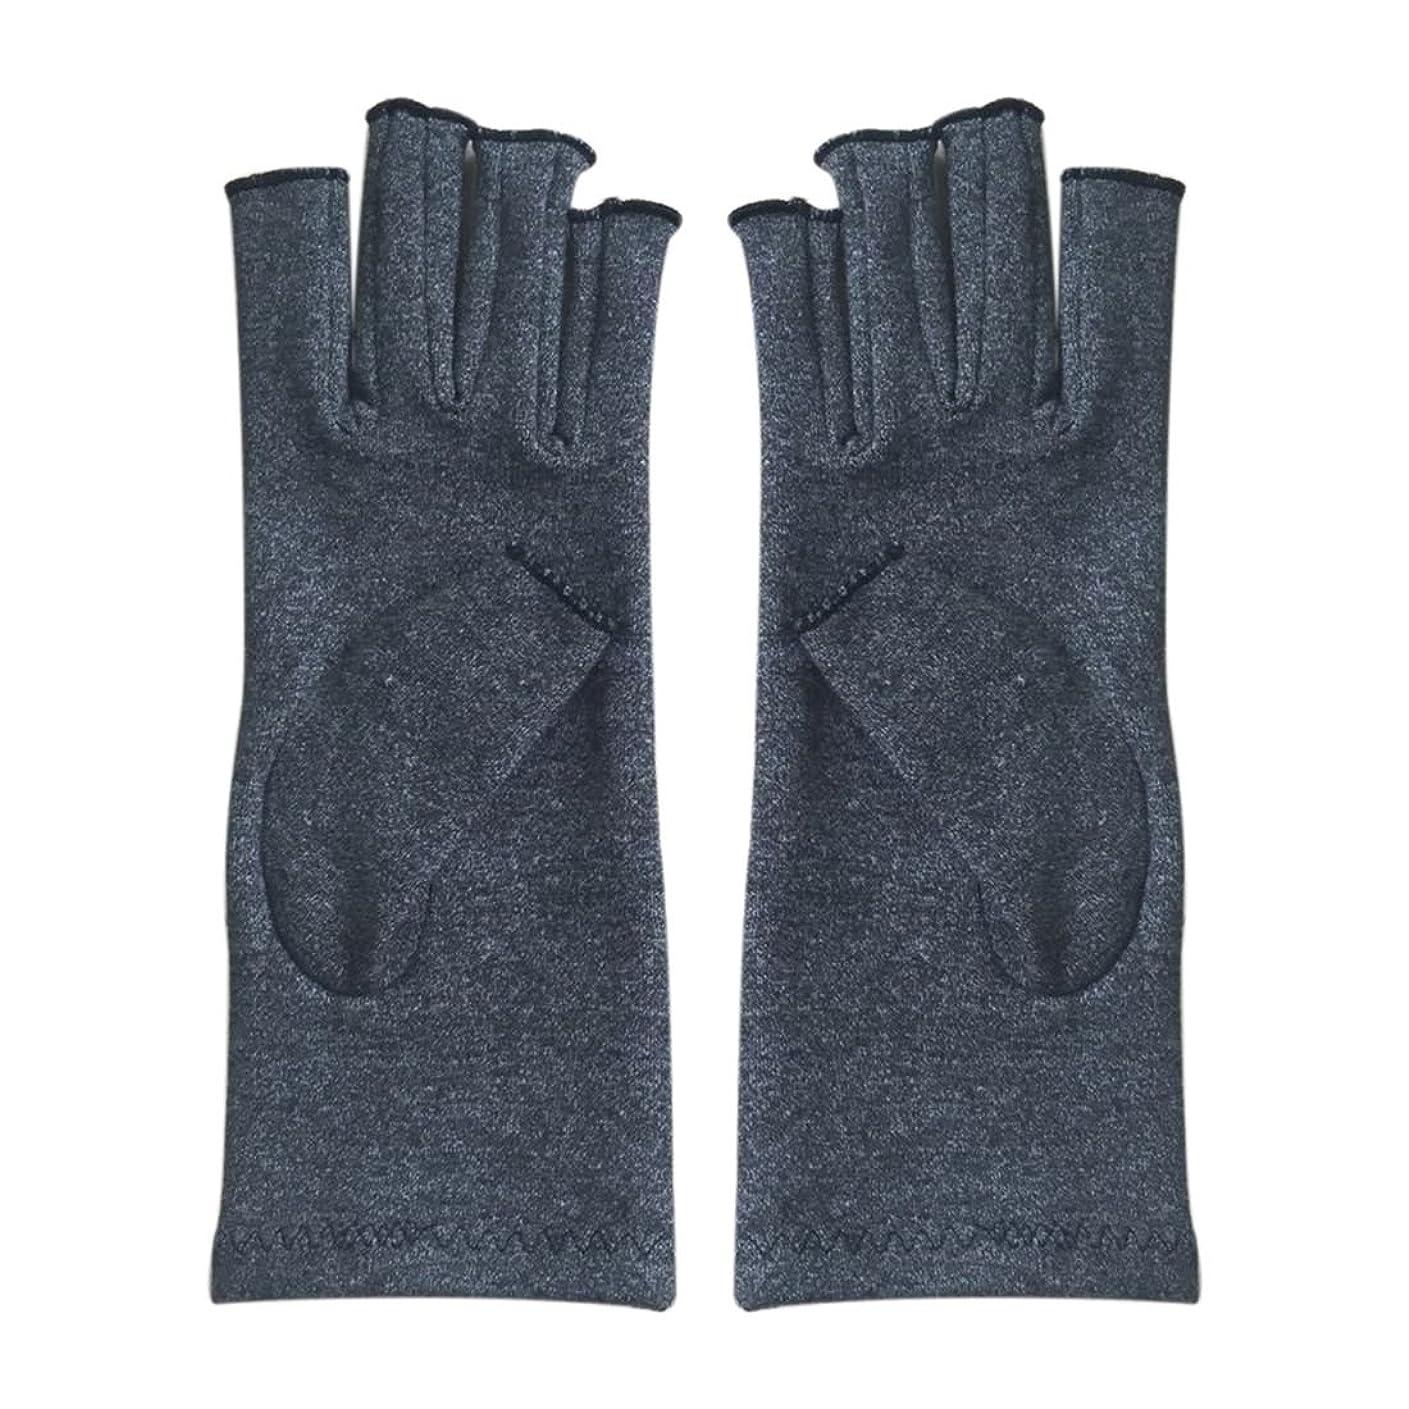 変装繕う減らすTOOGOO ペア 弾性コットンコンプレッション手袋 ユニセックス 関節炎 関節痛 鎮痛 軽減 S 灰色